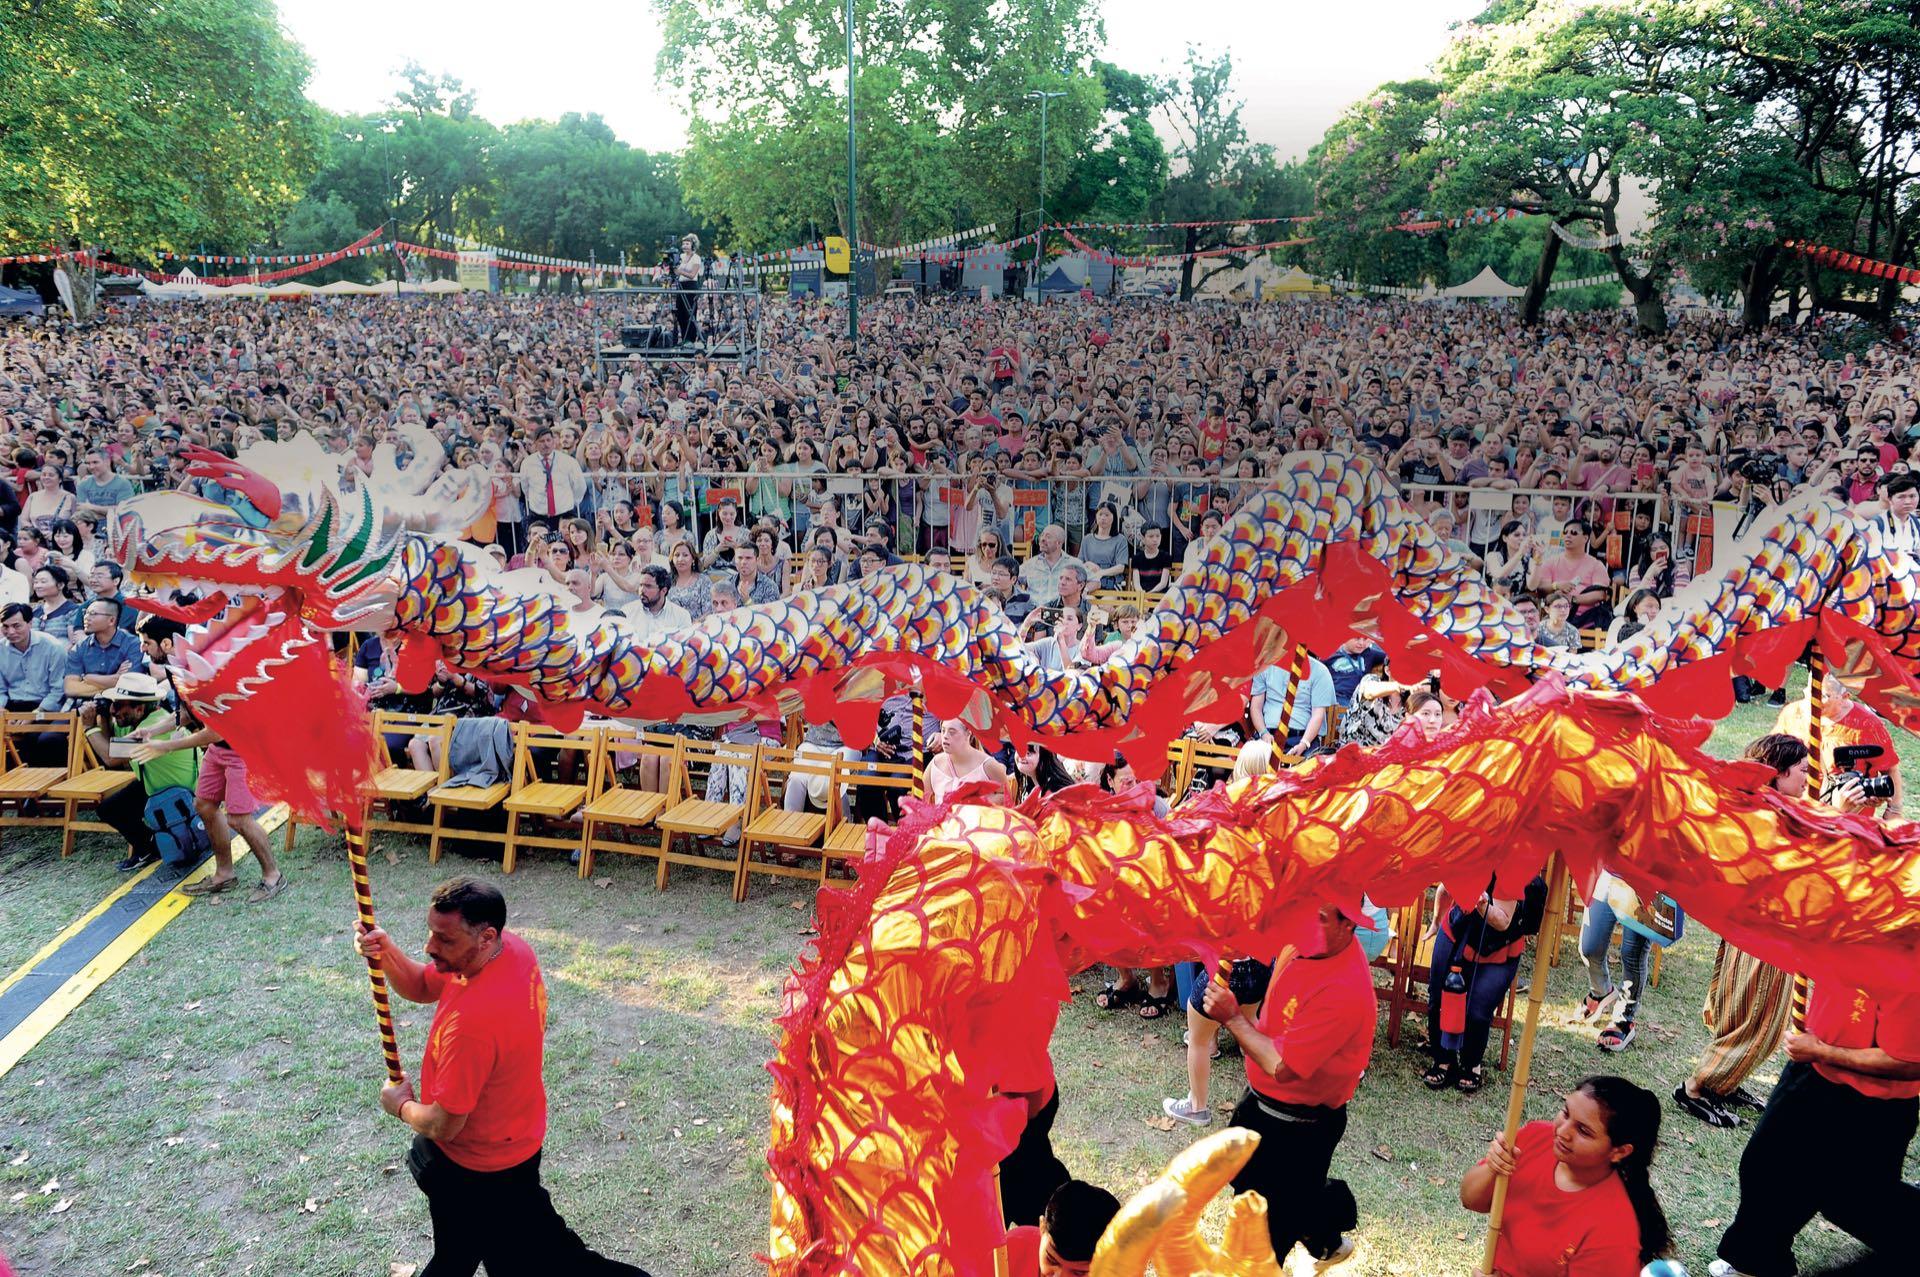 Sostenido por un grupo de diez alumnos de la escuela Lung Chuan-Choy Lee Fut, el Dragón (considerado el animal de la suerte) bailó en la plaza Parques Nacionales Argentinos. (Fotos: Fabián Mattiazzi y Télam.)